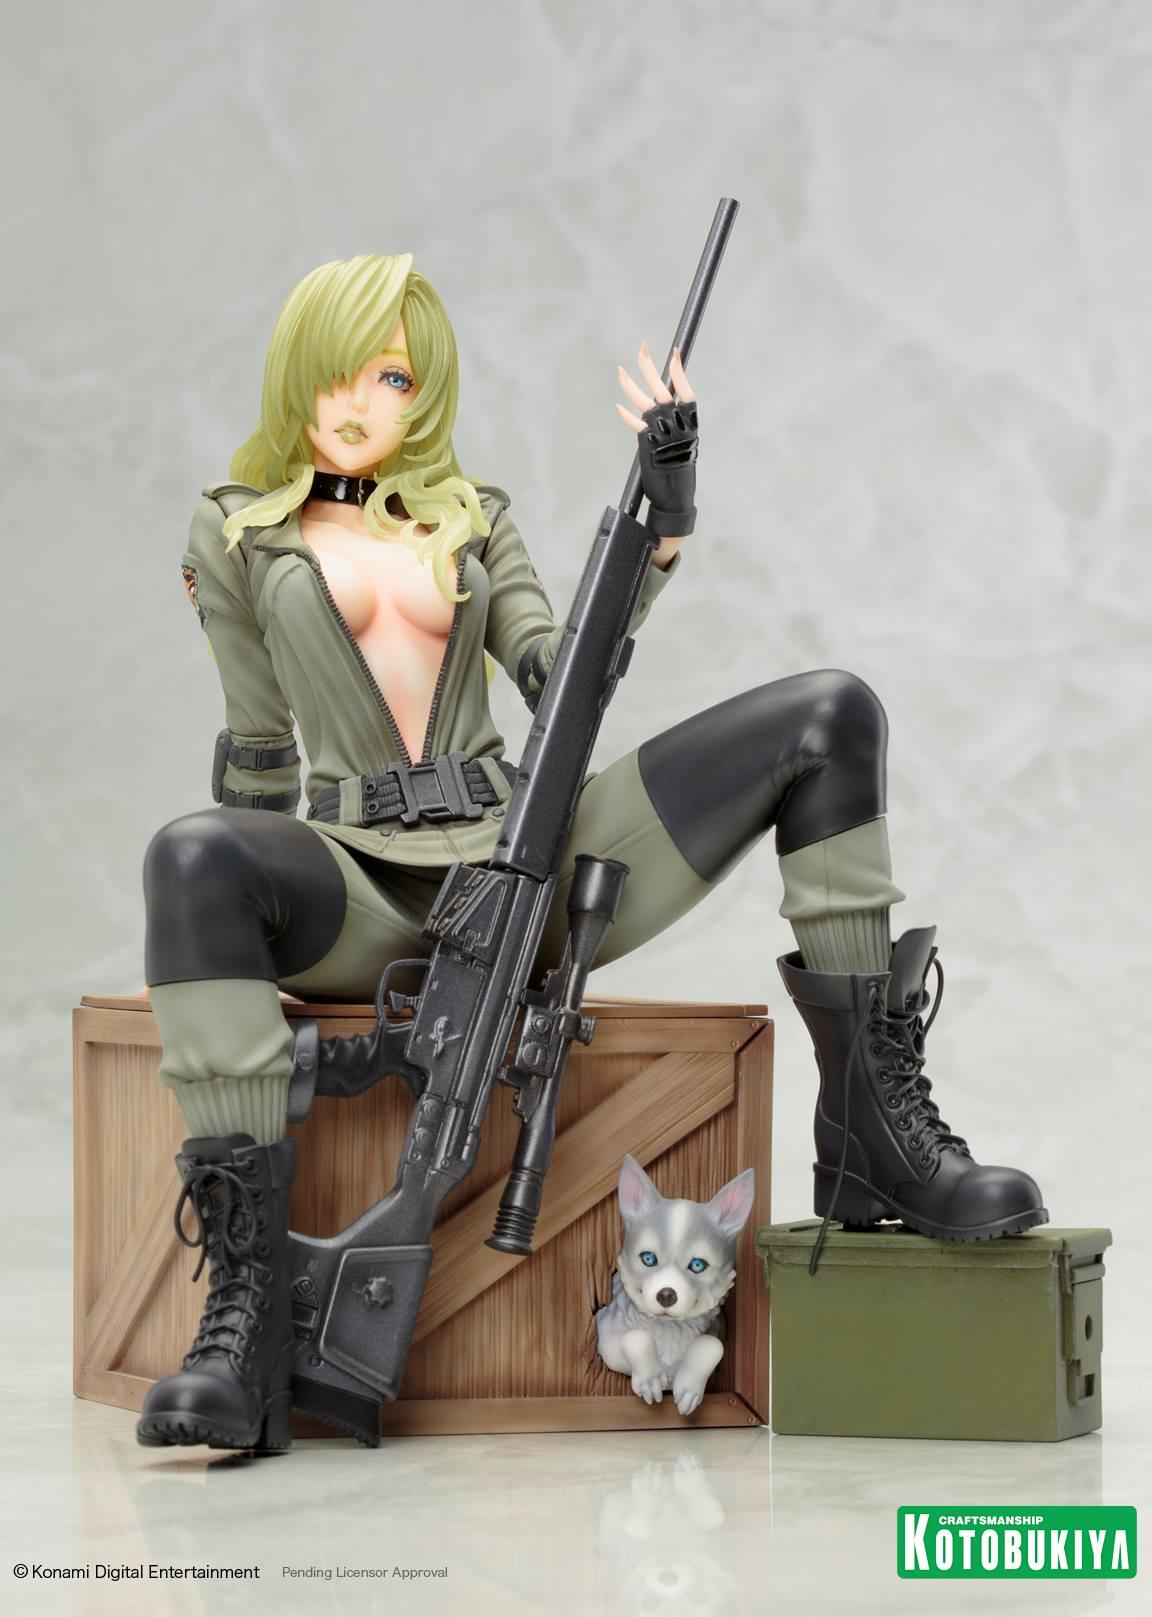 sniper-wolf-metal-gear-solid-bishoujo-statue-kotobukiya-1